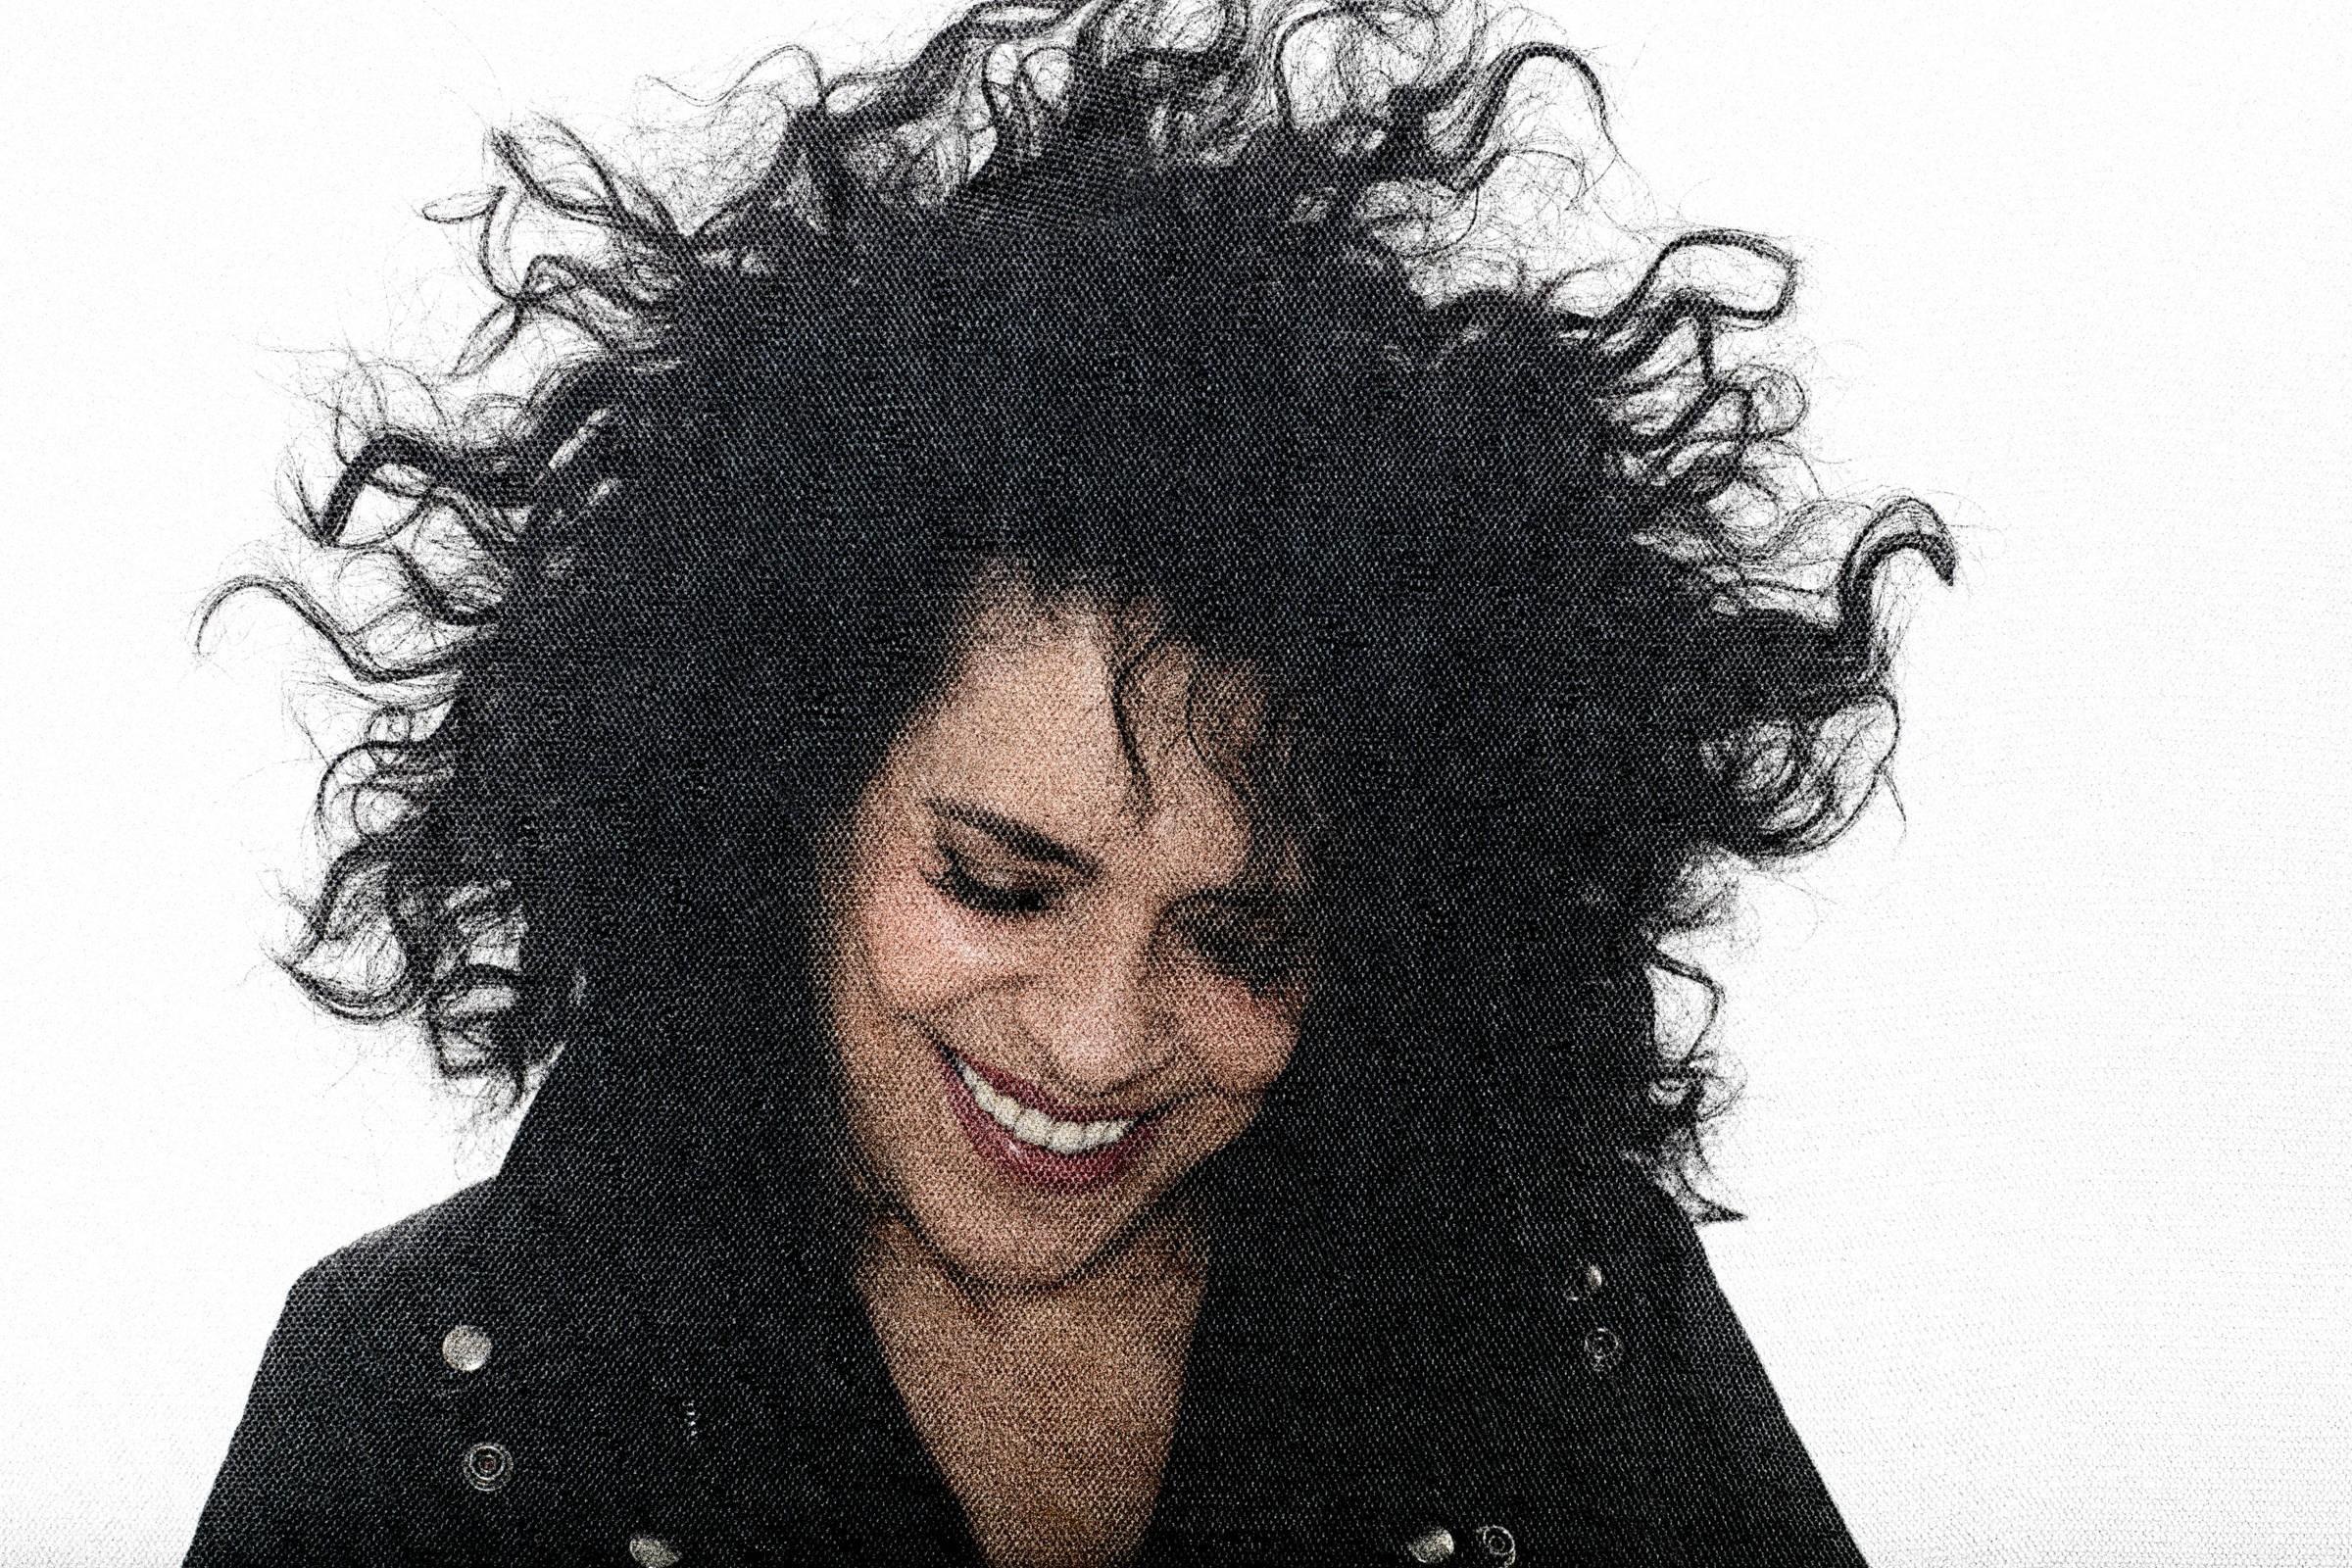 Gal Costa se joga na pista da 'disco music' em single do álbum 'A pele do futuro' 2